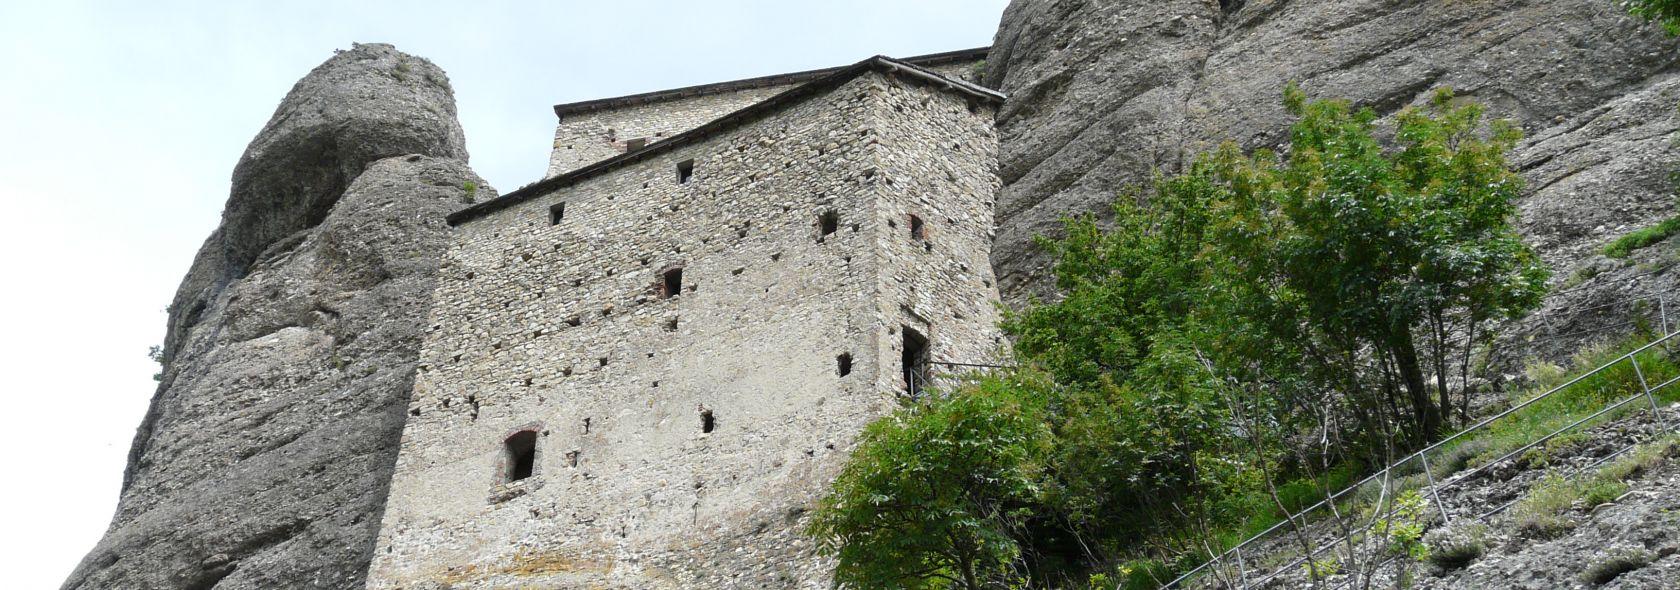 Castello della Pietra a Vobbia, in Valle Scrivia - Davide Papalini